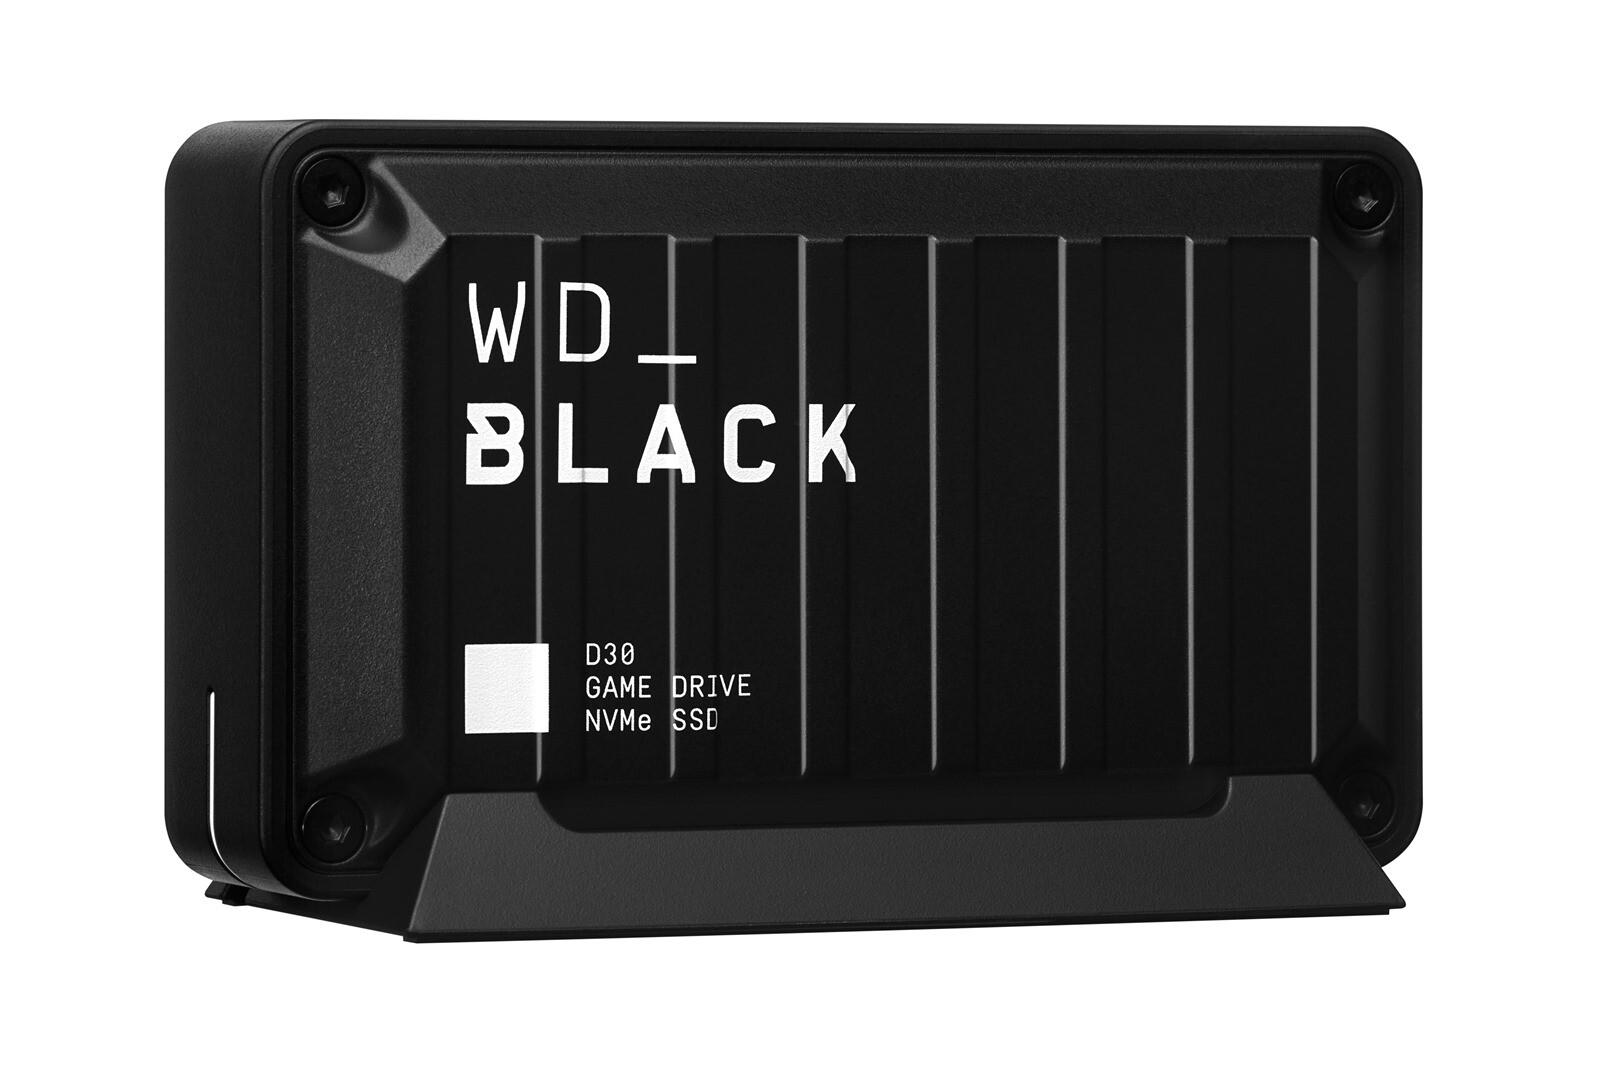 【新聞圖片三】WD_BLACK-D30-Game-Drive-SSD-專為次世代遊戲主機如-PlayStation-5-所設計,提供想大幅縮短遊戲載入時間,快速進入遊戲的玩家高達-900MBs-的讀取速度。.jpg @3C 達人廖阿輝